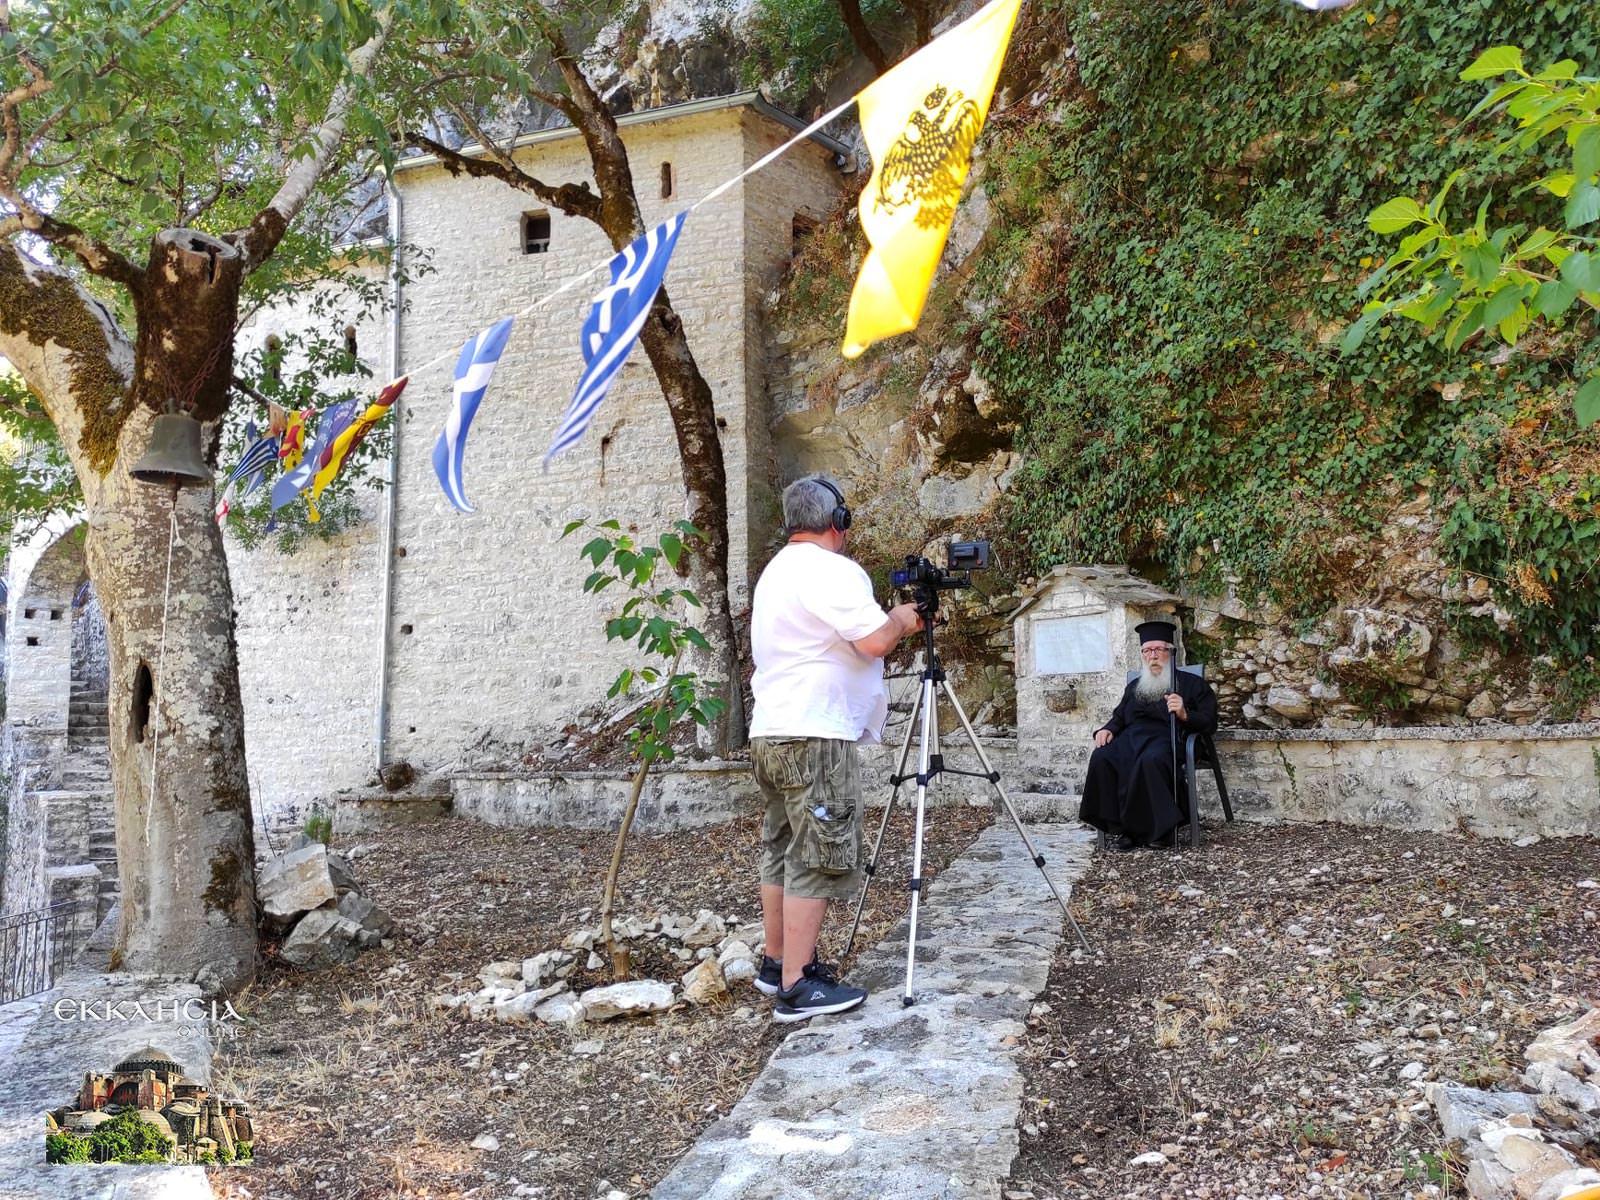 Μοναστήρι Παναγίας Ραϊδιώτισσας π. Ελευθέριος Παππάς